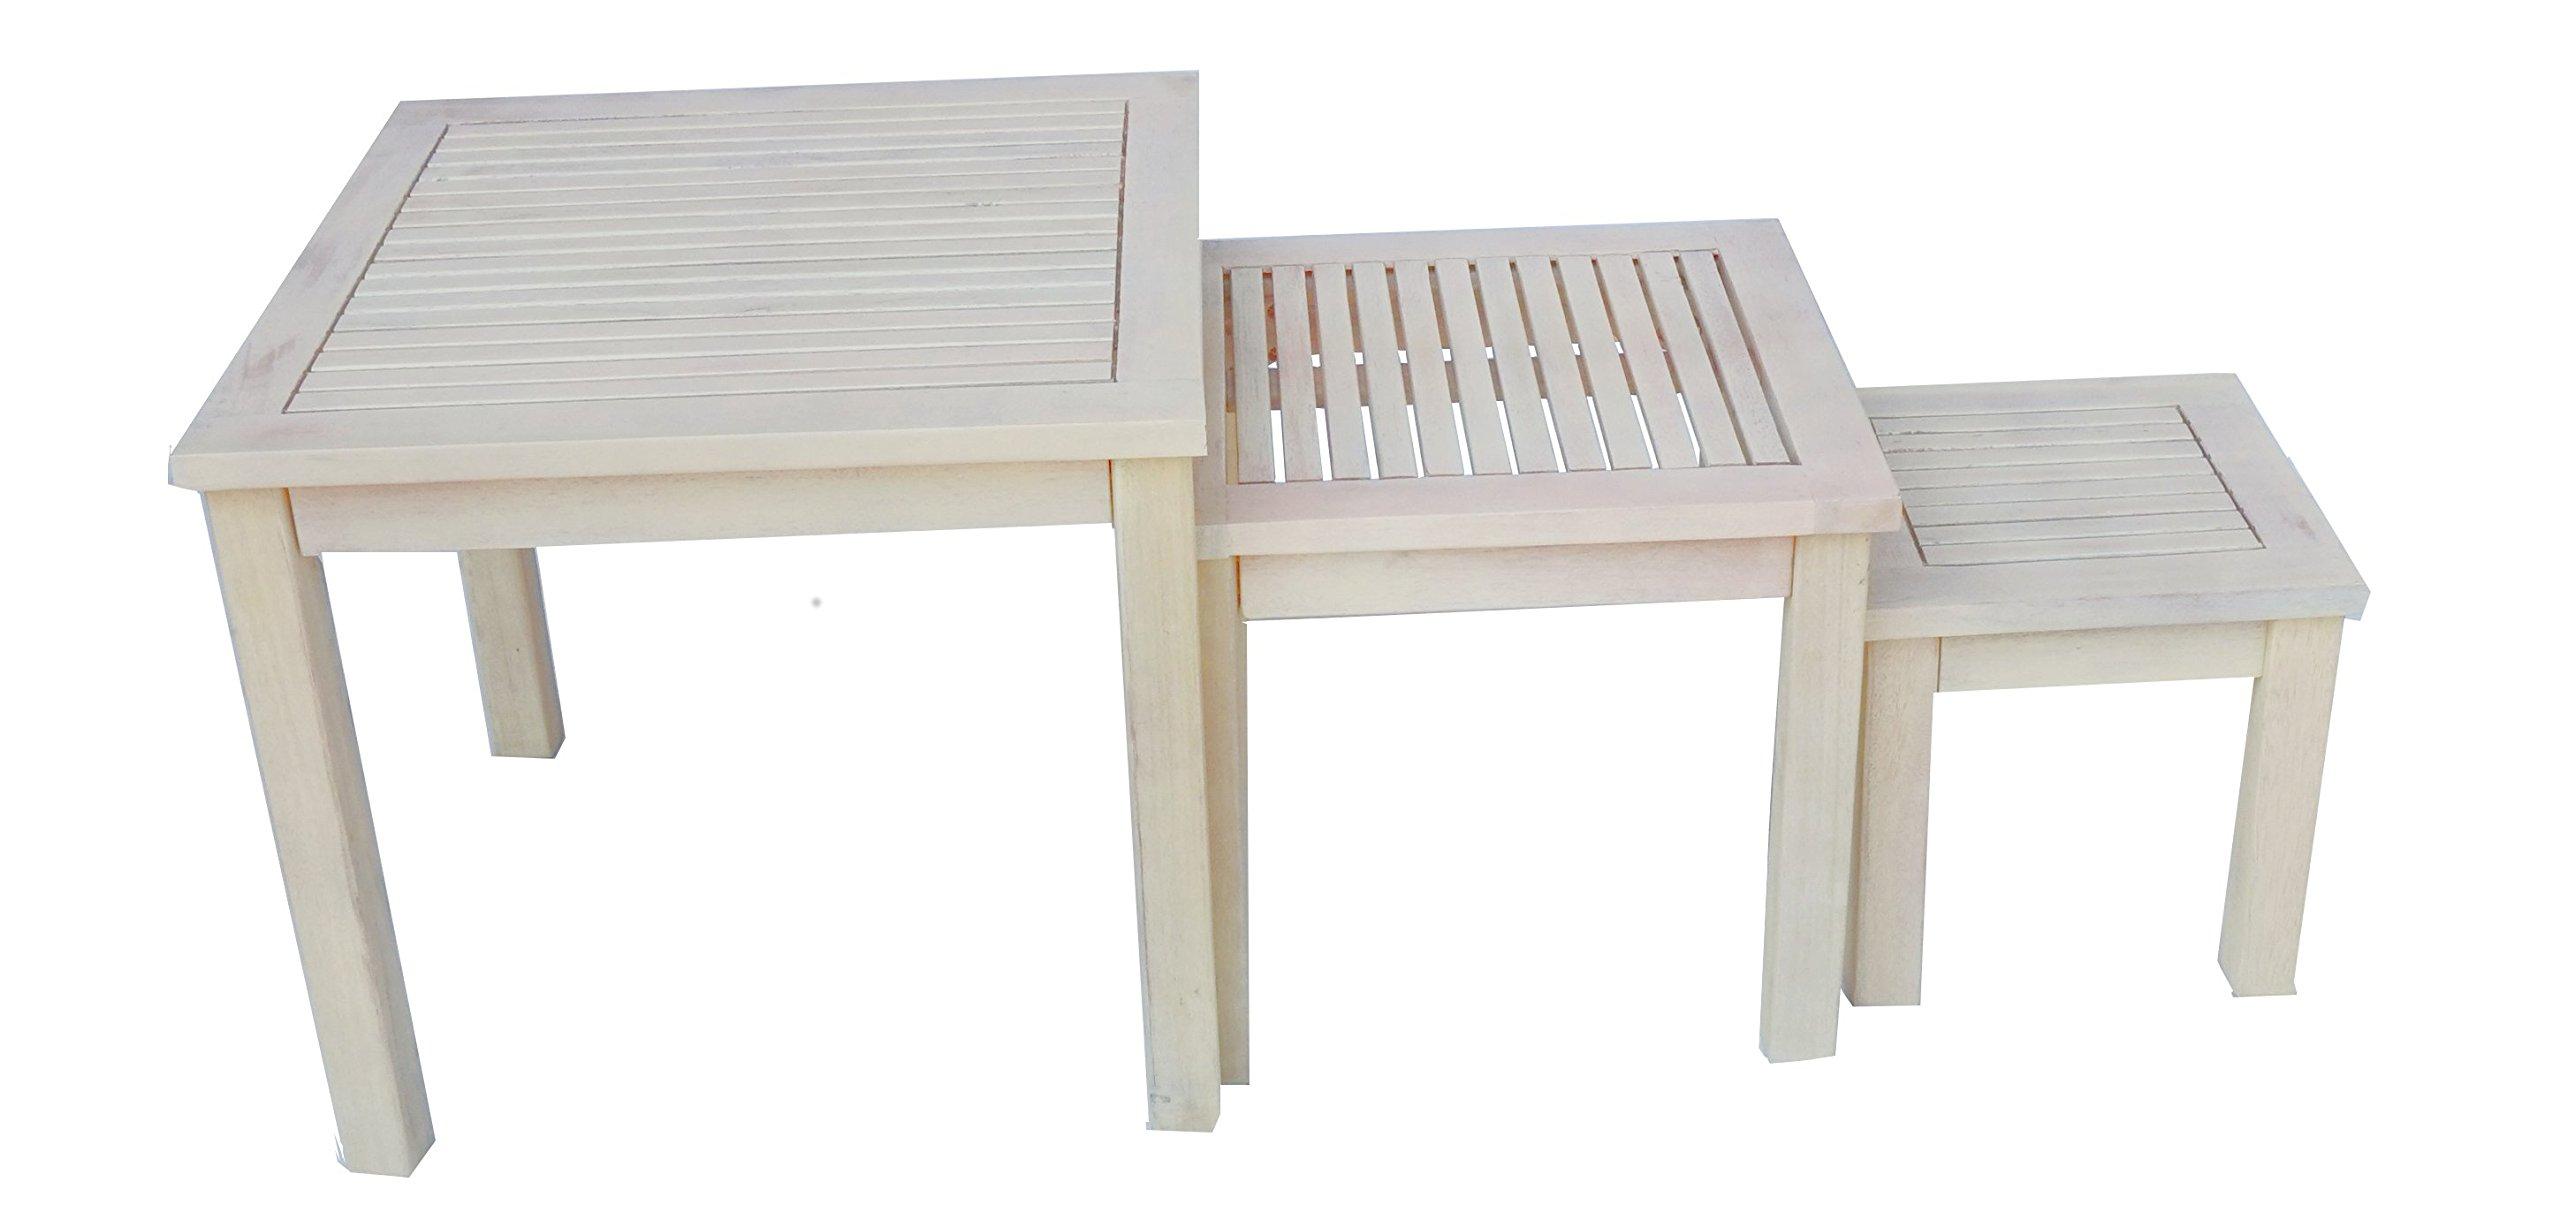 Zen Garden Hardwood Set of 3 Square Nested Side Tables, Oak White Wood Finish